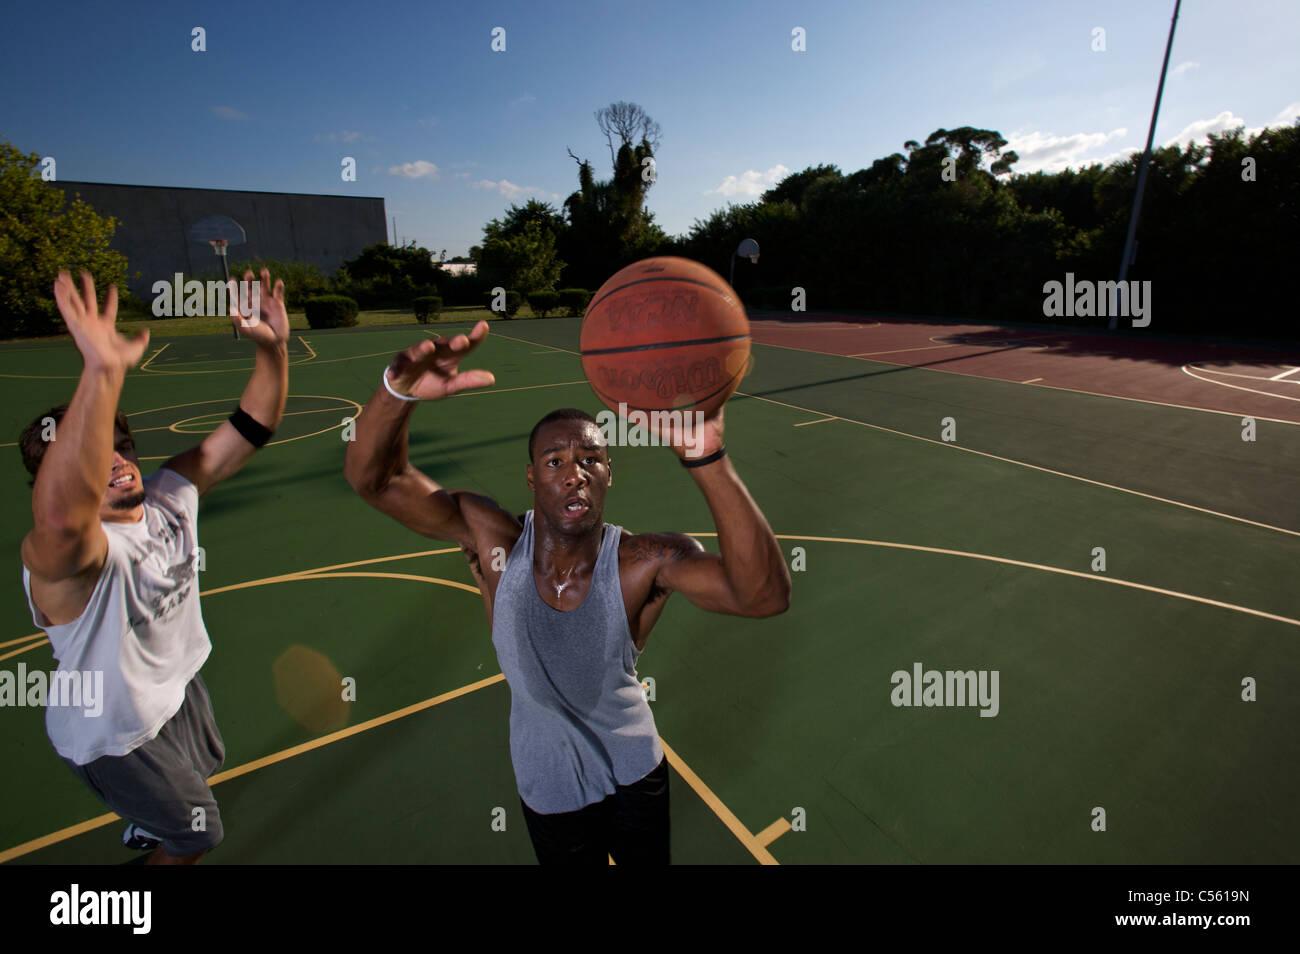 Los hombres jugando al aire libre juego de baloncesto Imagen De Stock